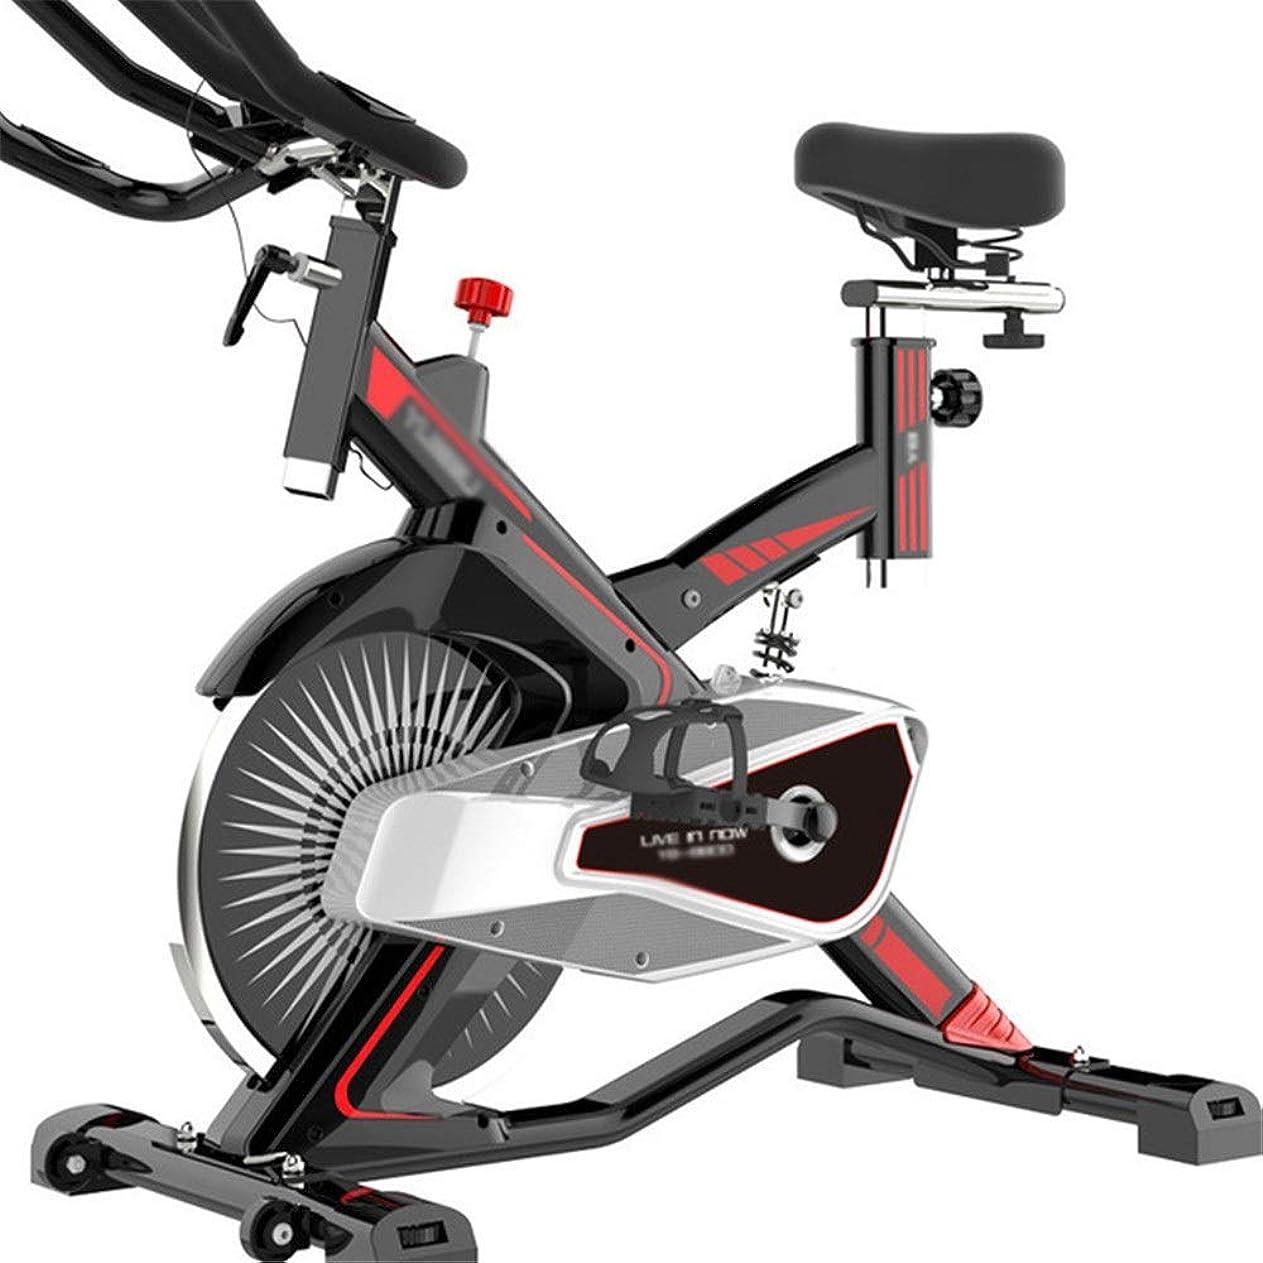 雨の誤解を招く許す室内サイクリングエアロバイク フィットネスエクササイズマシンとトレーニングコンピュータと楕円クロストレーナーと磁気エクササイズスピニングバイク Fitness Cardio Homeサイクリング (色 : 赤, サイズ : Free Size)